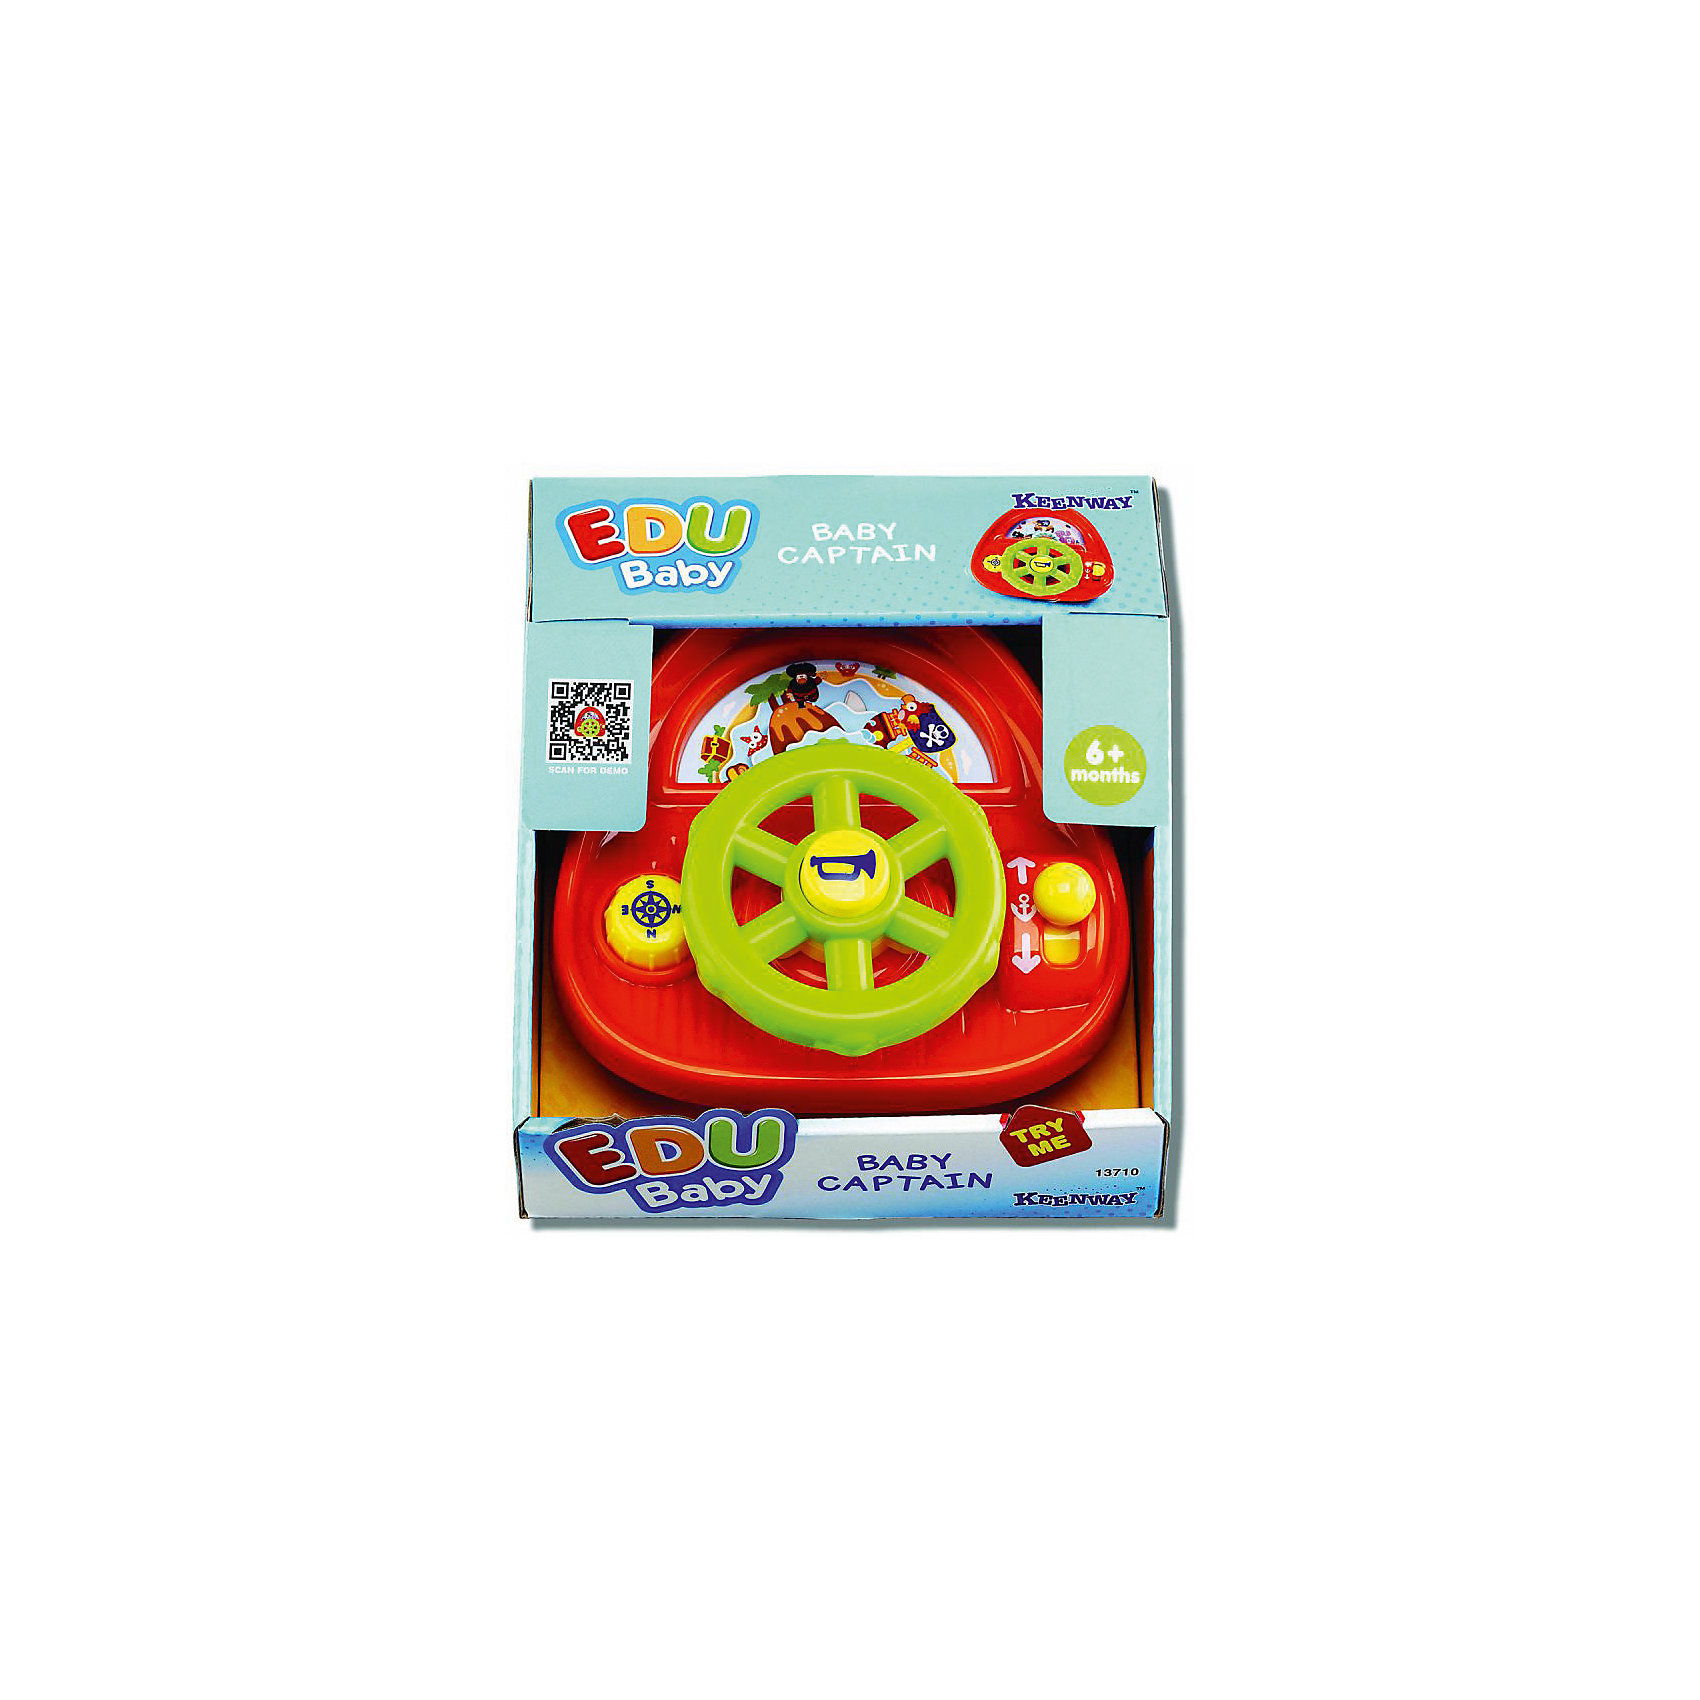 Развивающая игрушка  Keenway Маленький капитанРазвивающие игрушки<br><br><br>Ширина мм: 165<br>Глубина мм: 165<br>Высота мм: 101<br>Вес г: 2750<br>Возраст от месяцев: 0<br>Возраст до месяцев: 12<br>Пол: Мужской<br>Возраст: Детский<br>SKU: 7065783